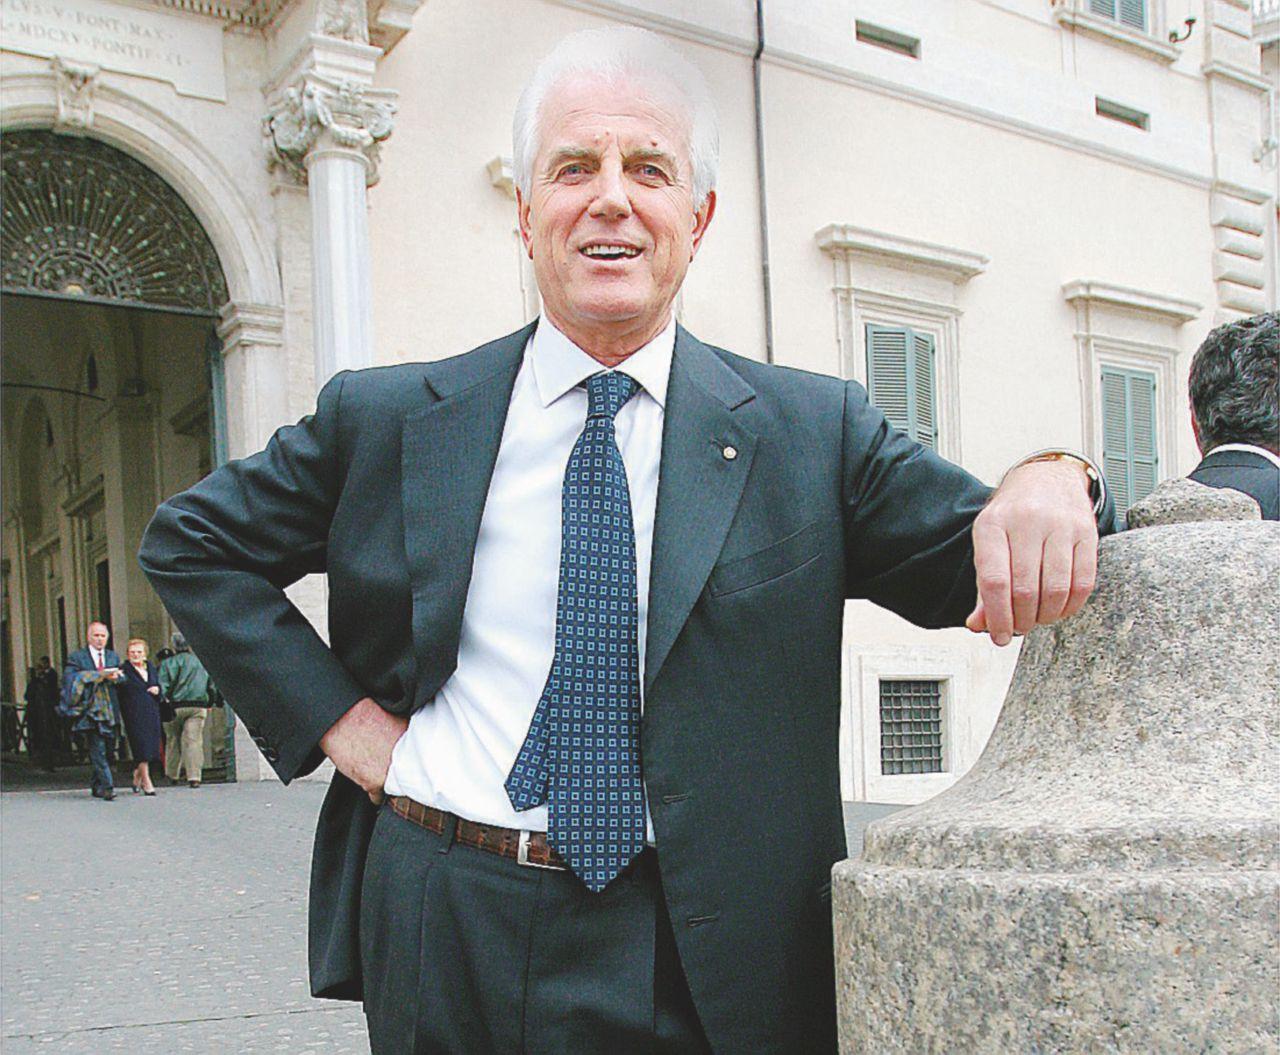 È morto Gilberto, il Benetton del dopo-maglioni